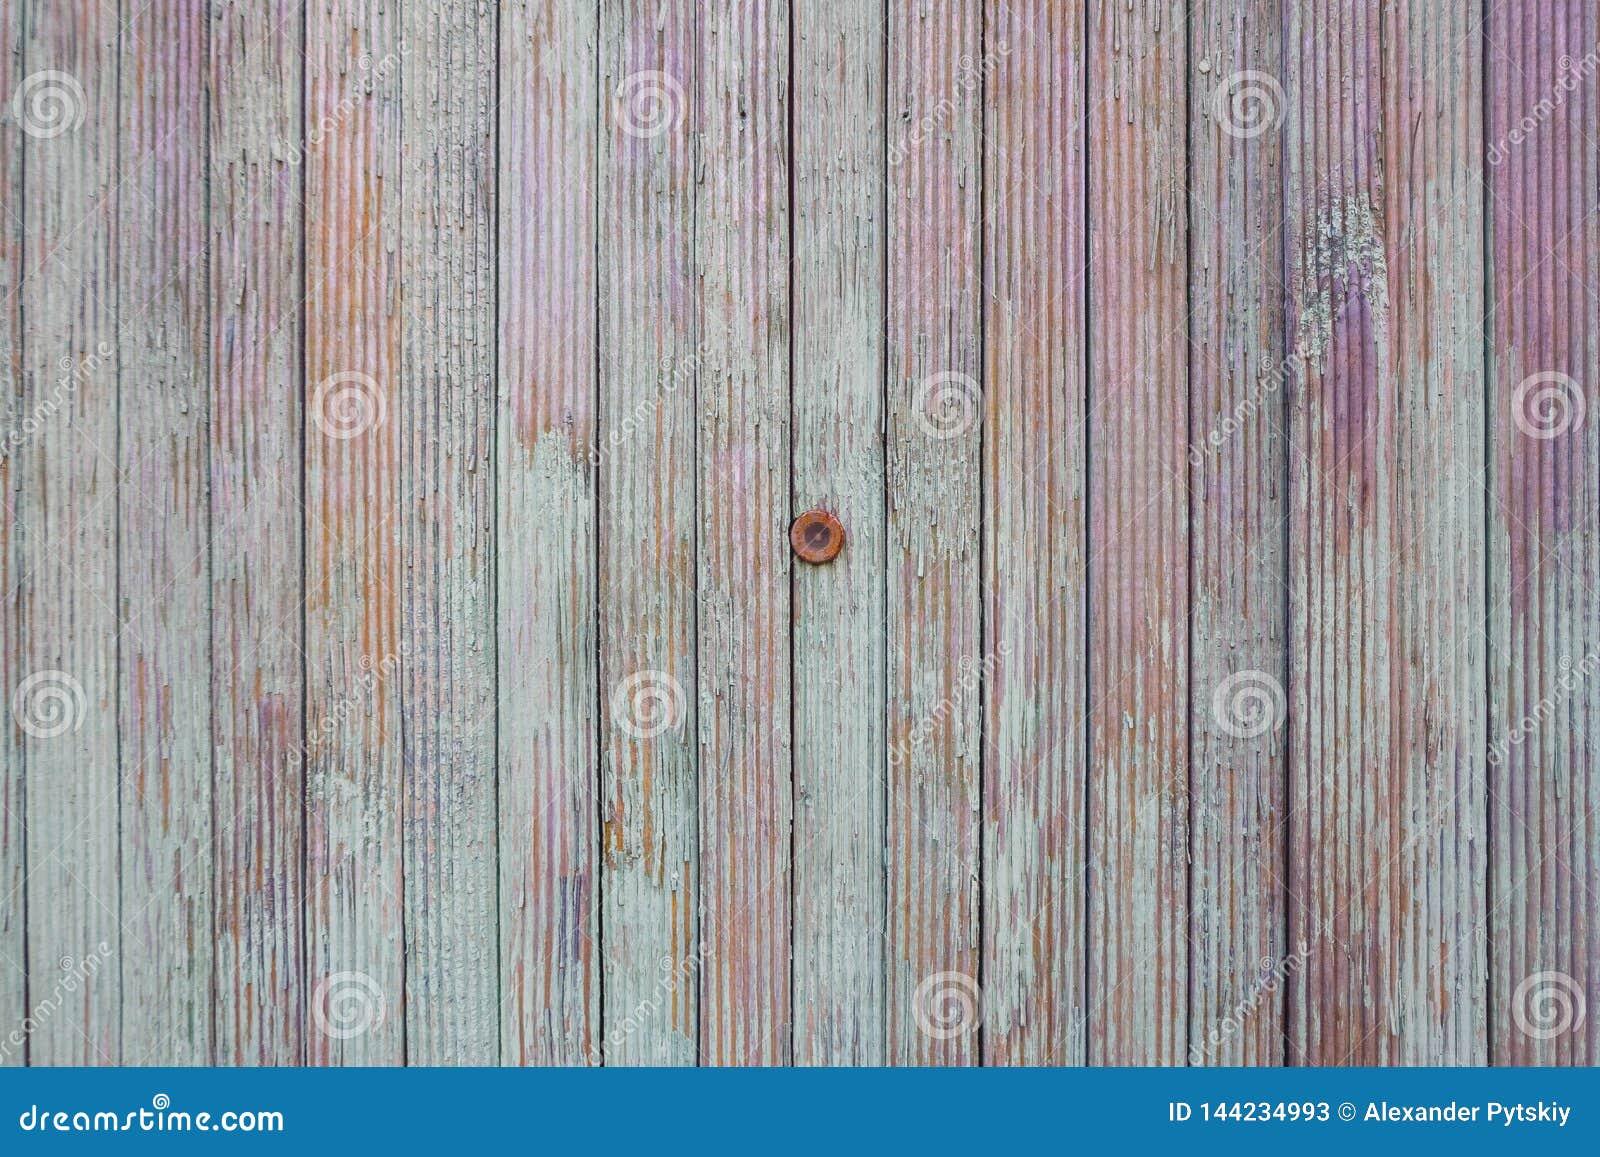 Ματάκι πόρτας στον παλαιό φράκτη χρώματος Η σύσταση των πινάκων του τυρκουάζ, της πορφύρας και του πορτοκαλιού